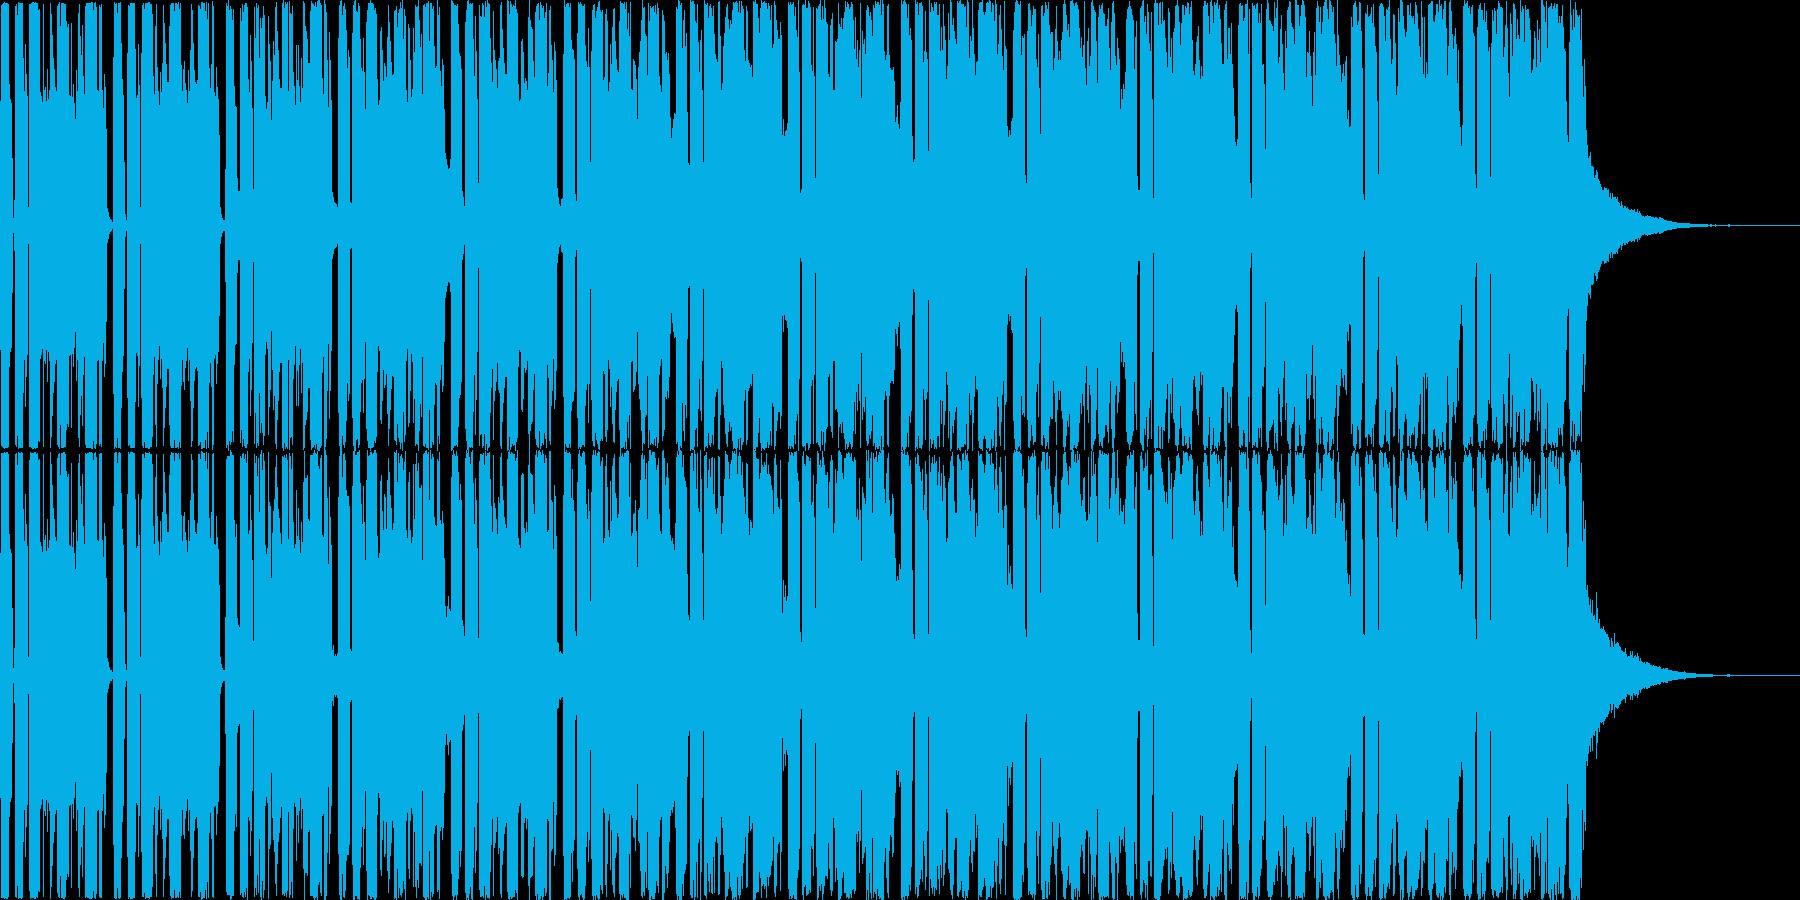 和楽器+ダンス要素の和洋折衷な楽曲です…の再生済みの波形